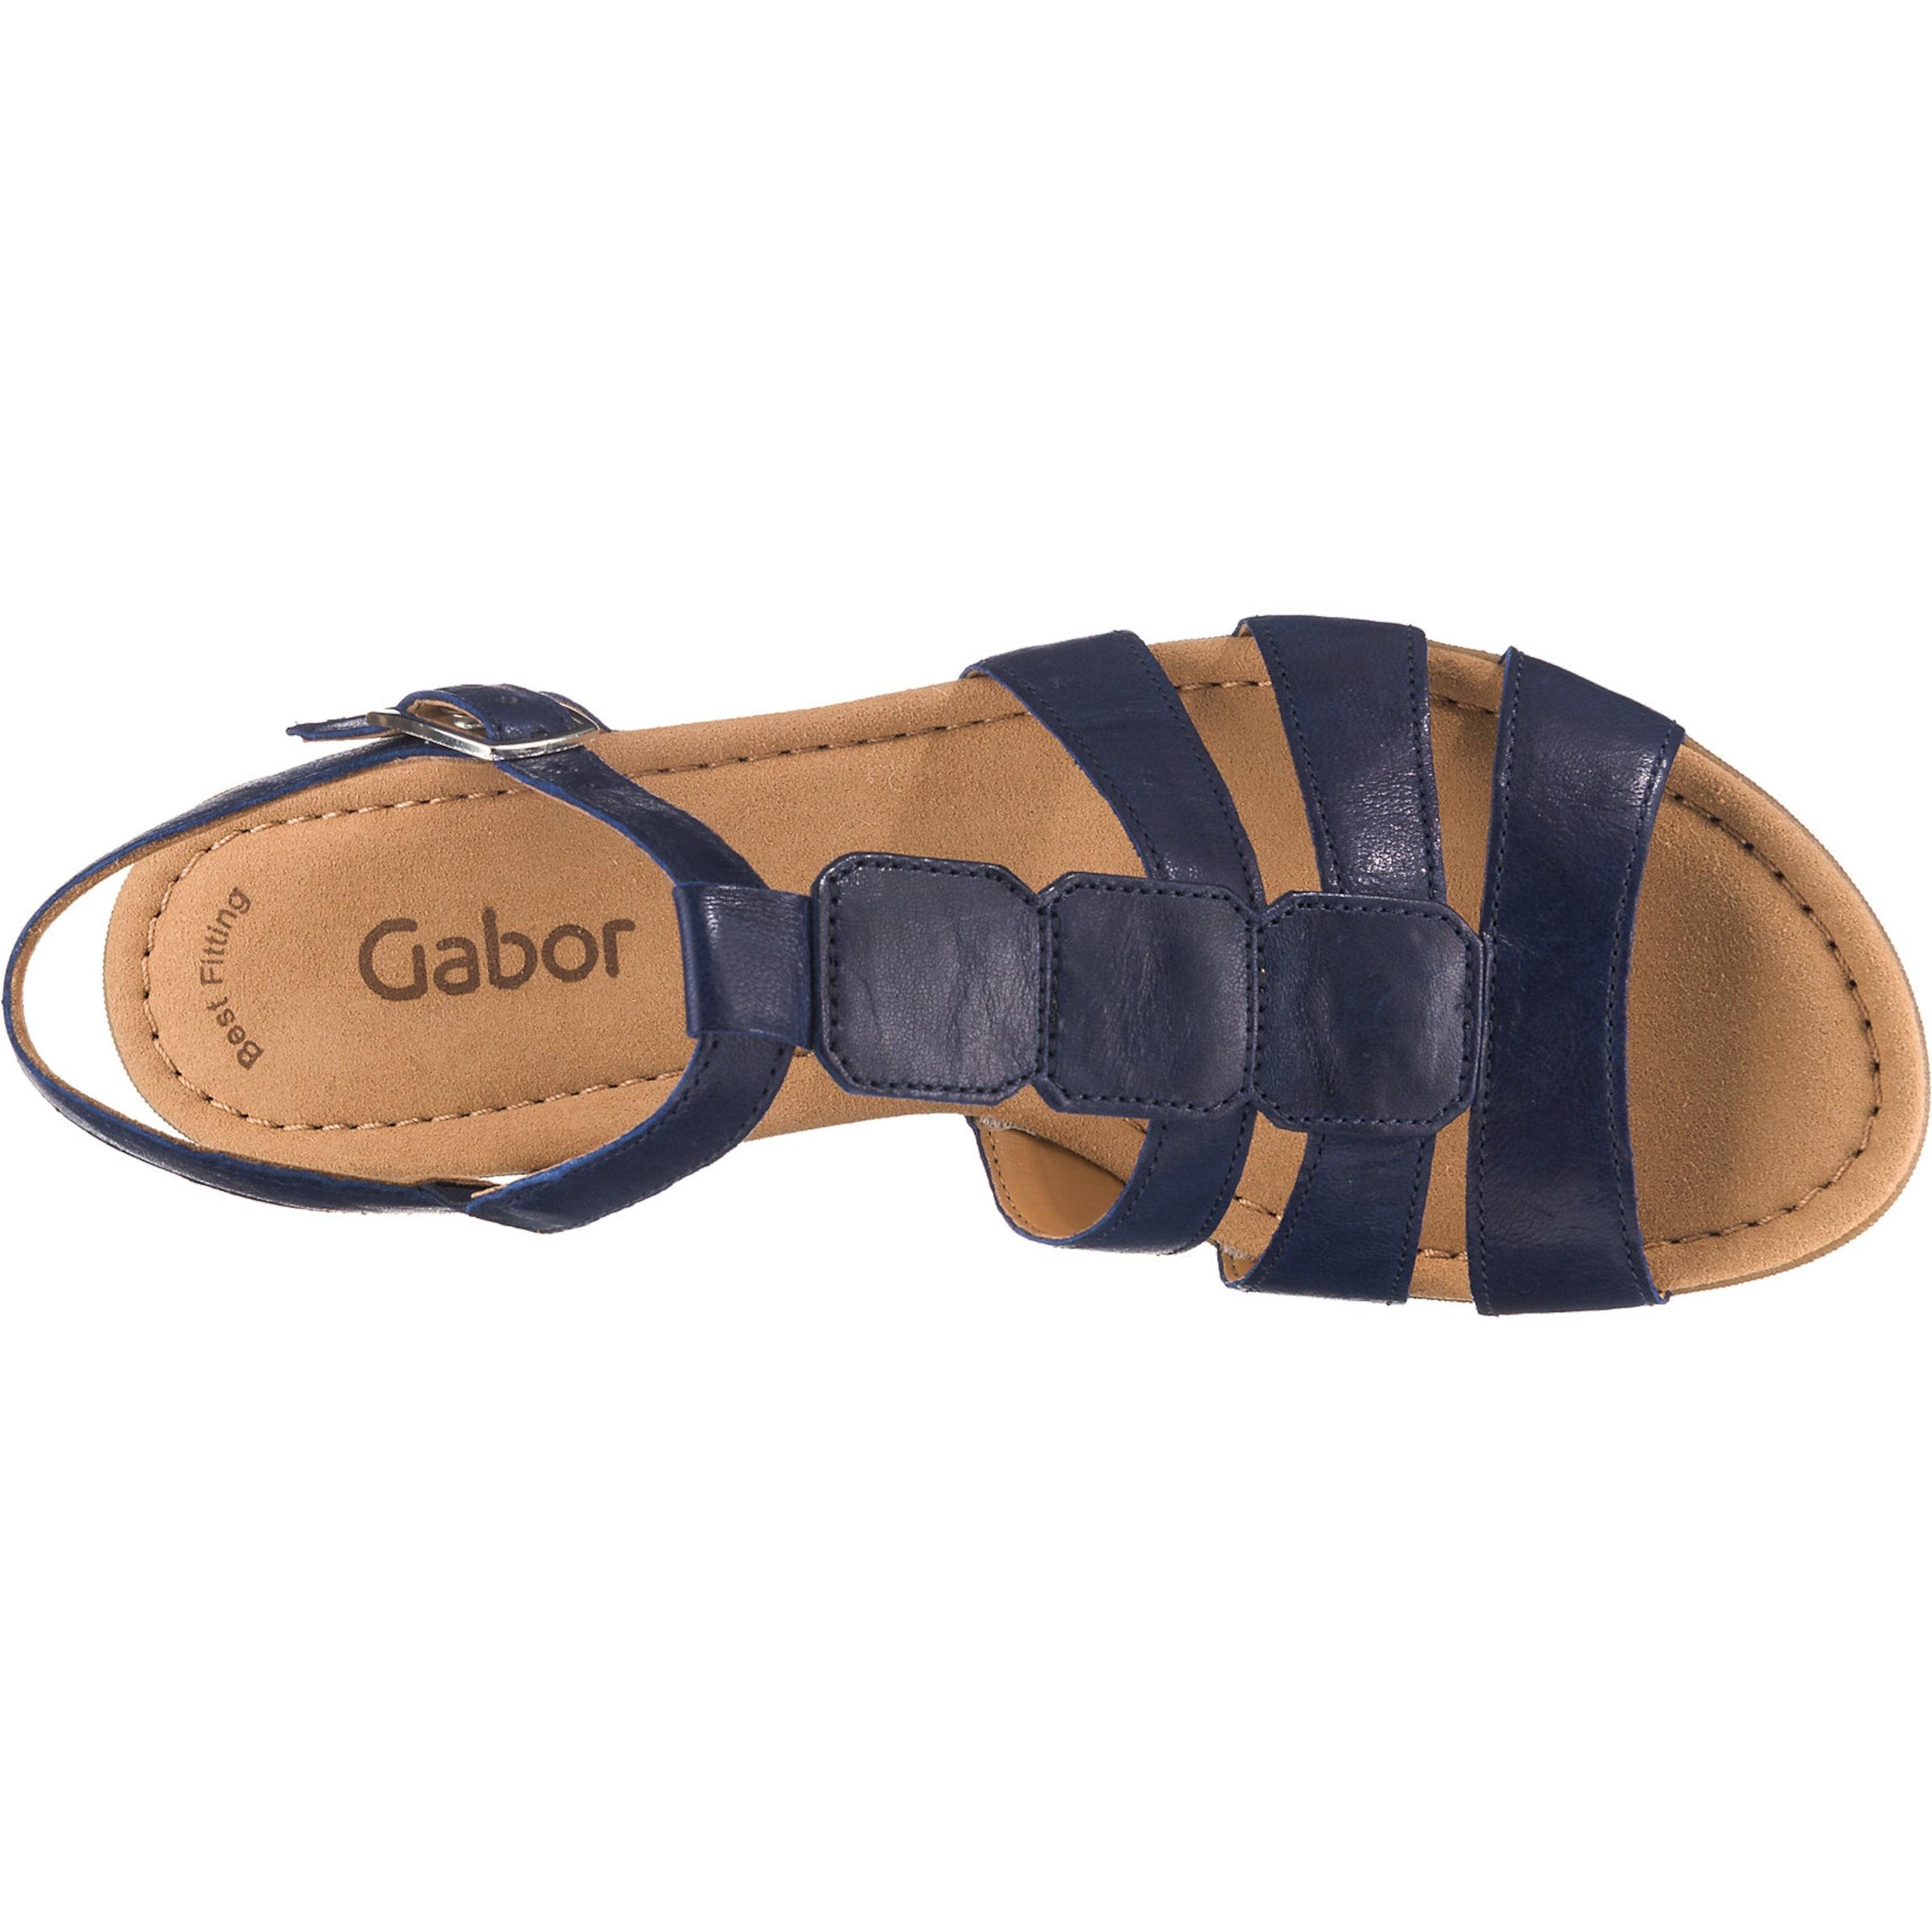 Sandalen In Gabor In Dunkelblau Gabor Sandalen n08wPkOX